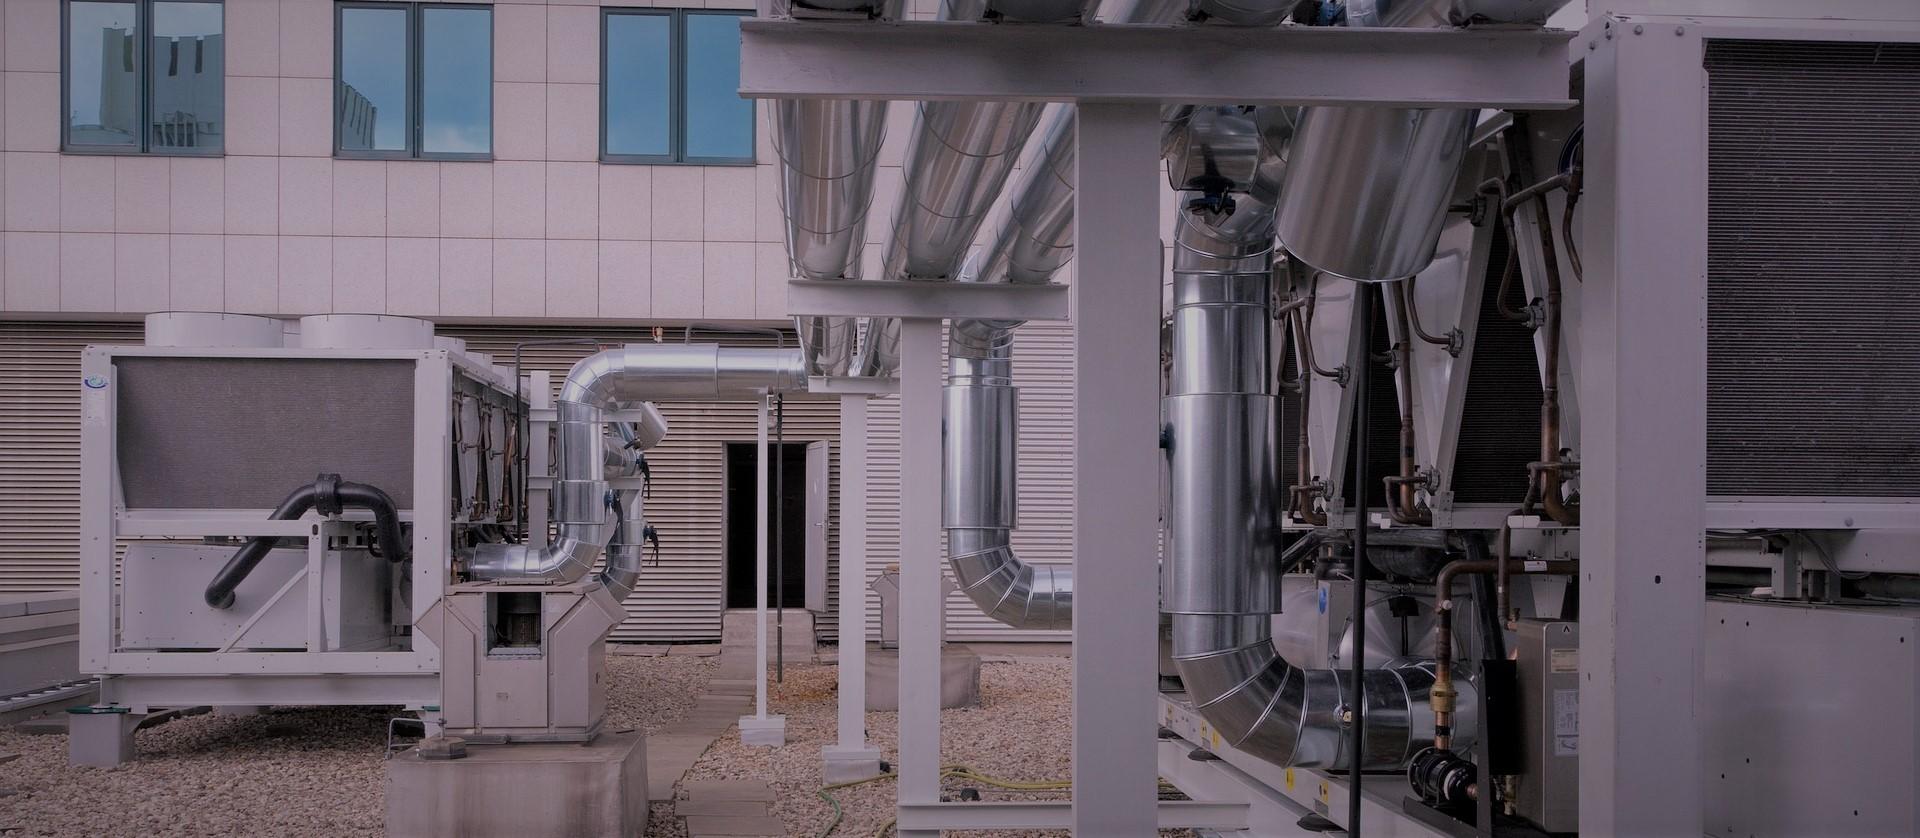 AVAC ATM - Facility management